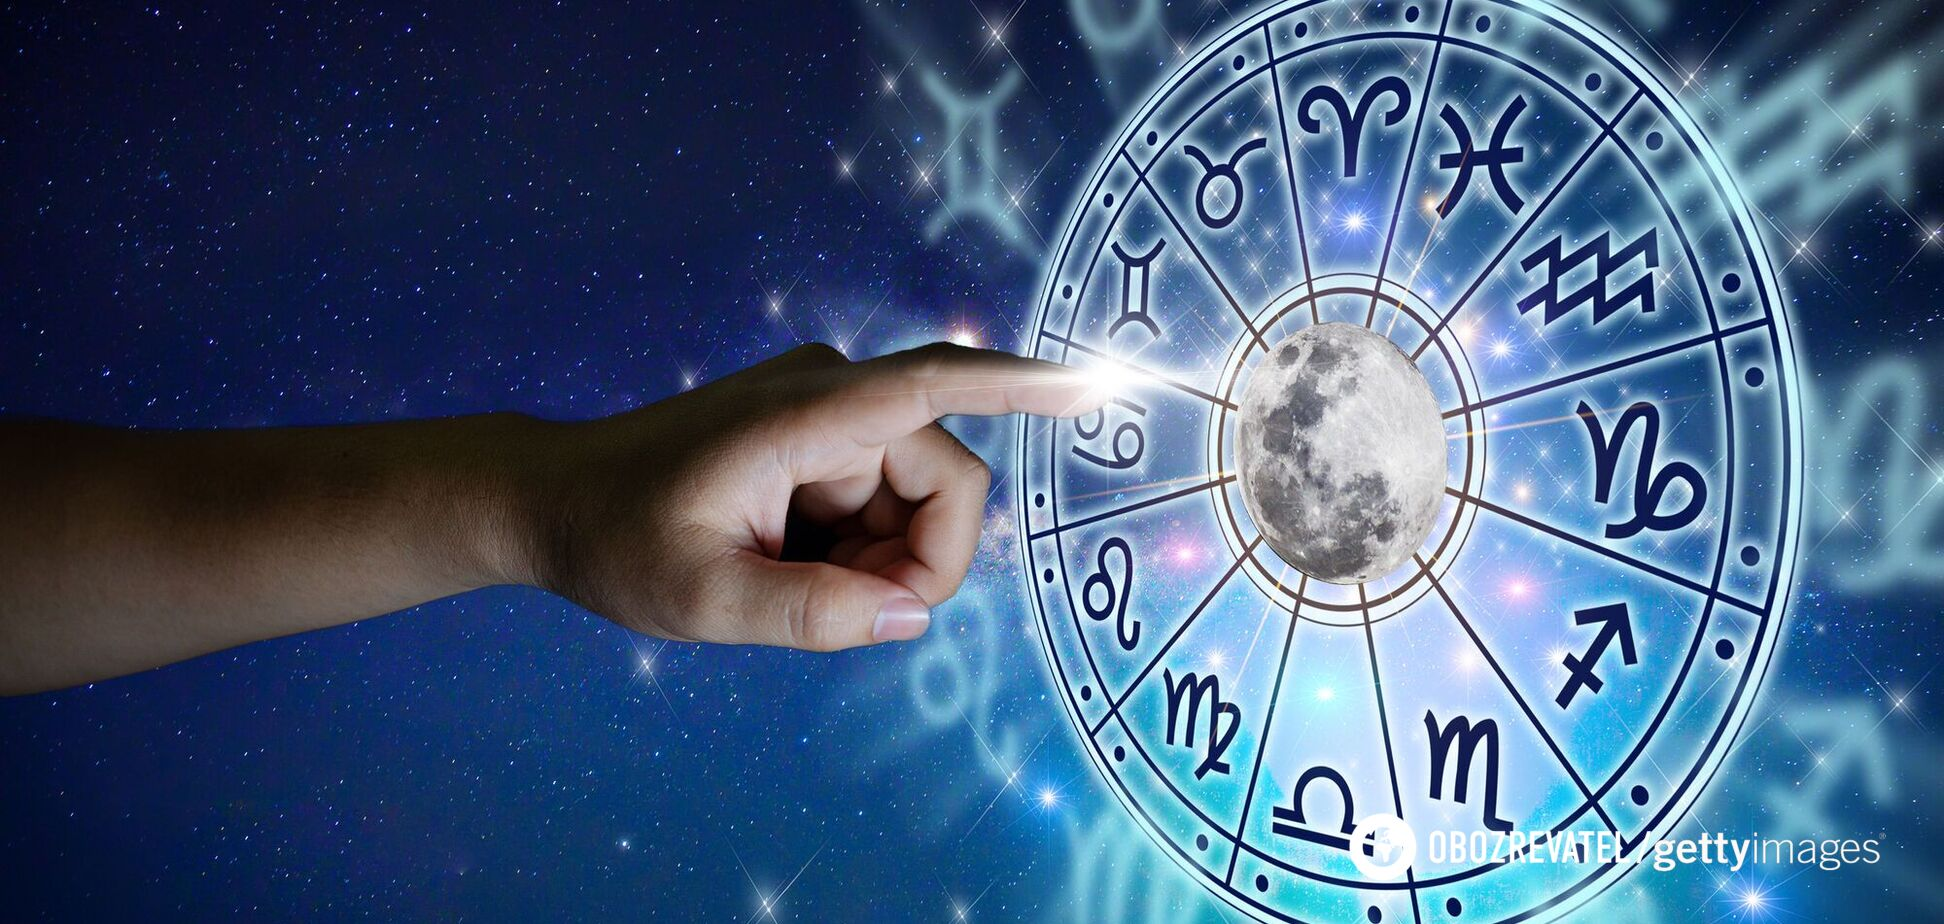 Сонячне затемнення 10 червня: озвучено прогноз для всіх знаків зодіаку